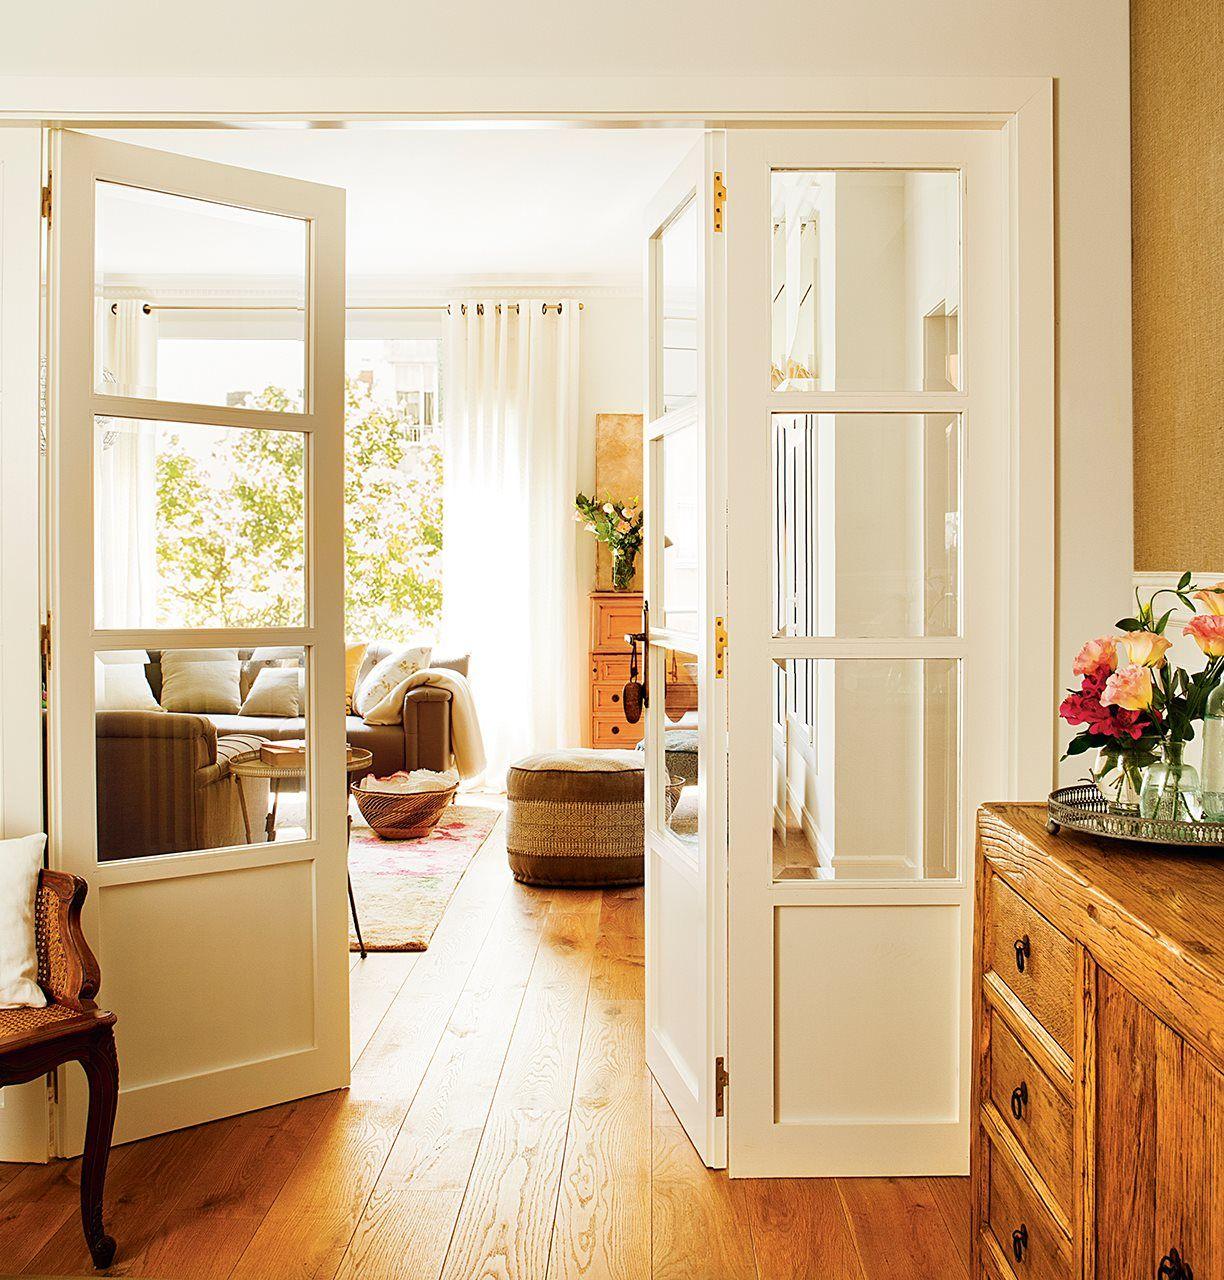 puertas nuevas y estrena casa otra vez elmueblecom escuela deco interiores de casas pinterest escuela deco y nuevas